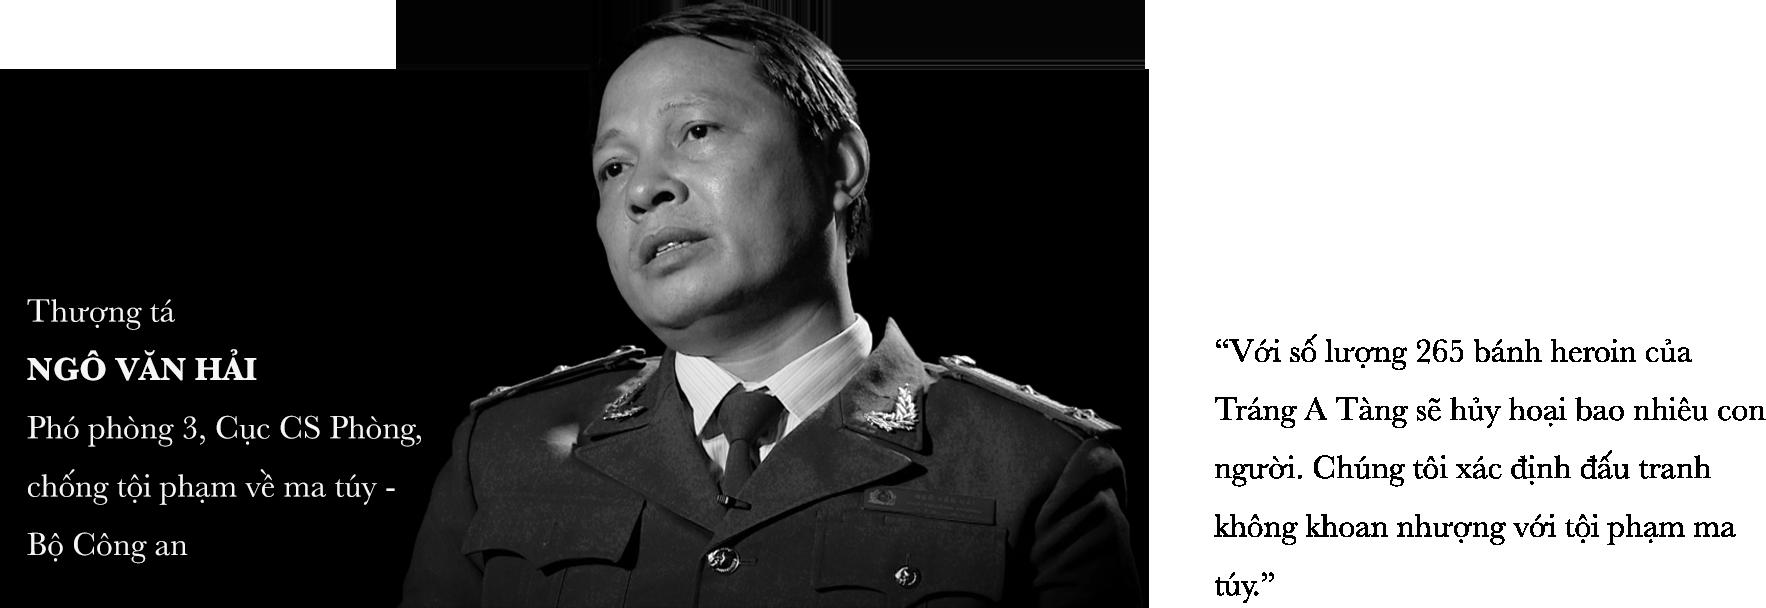 Lần theo dấu vết: Đế chế trùm ma túy Tàng Keangnam sụp đổ vì... một người phụ nữ - Ảnh 10.